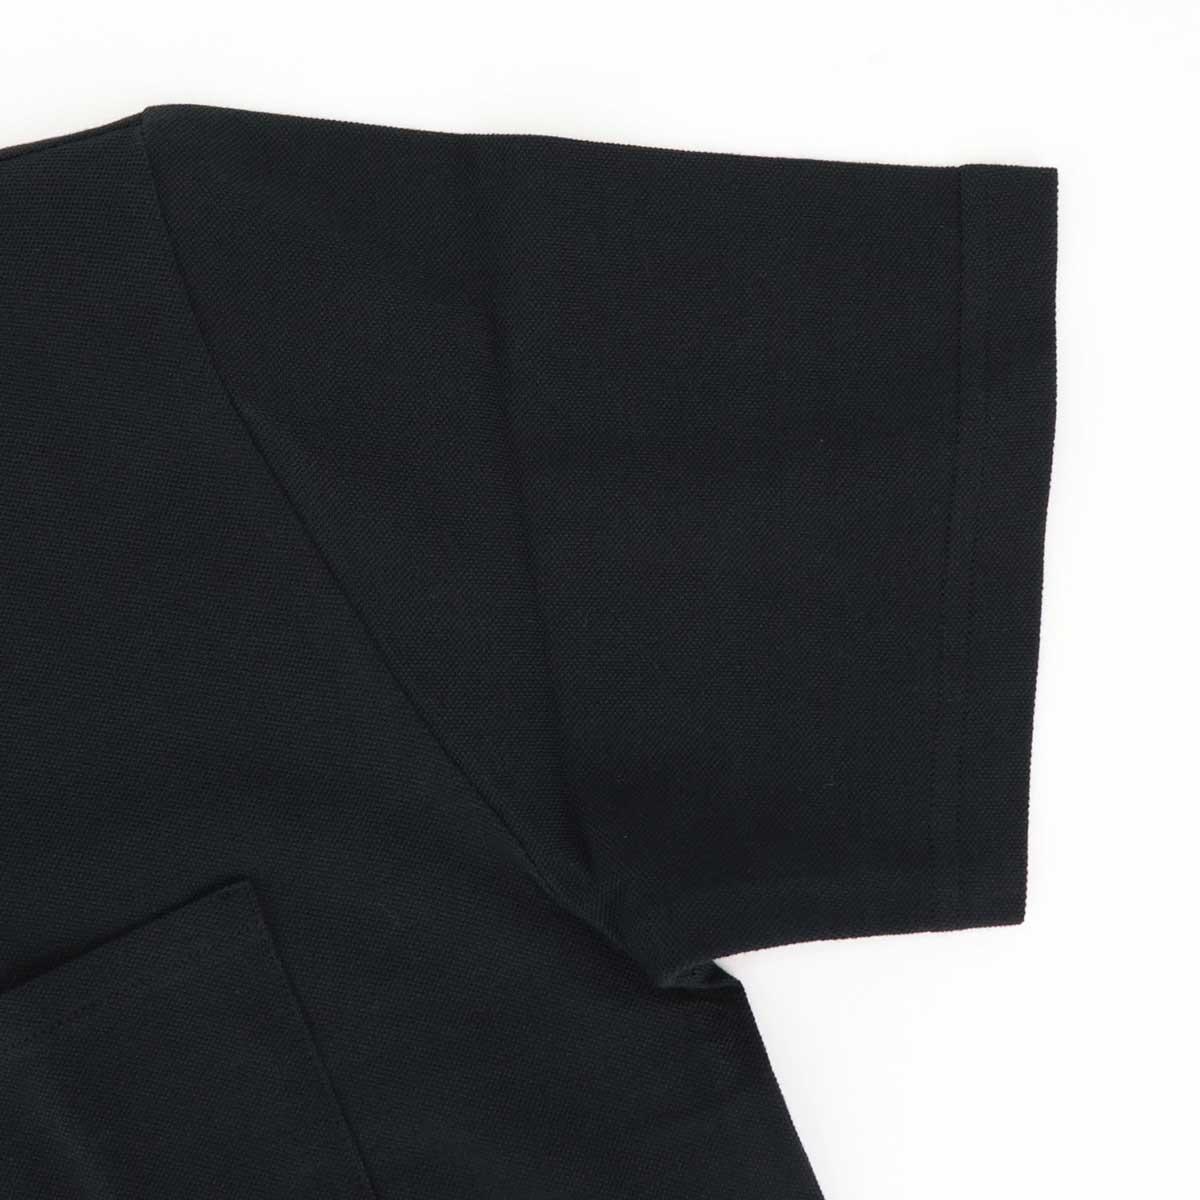 【クリアランスセール】ギローバー GUY ROVER メンズ コットン 鹿の子 クルーネック ポケット付Tシャツ 2850TC442 501500 (ネイビー)【返品交換不可】